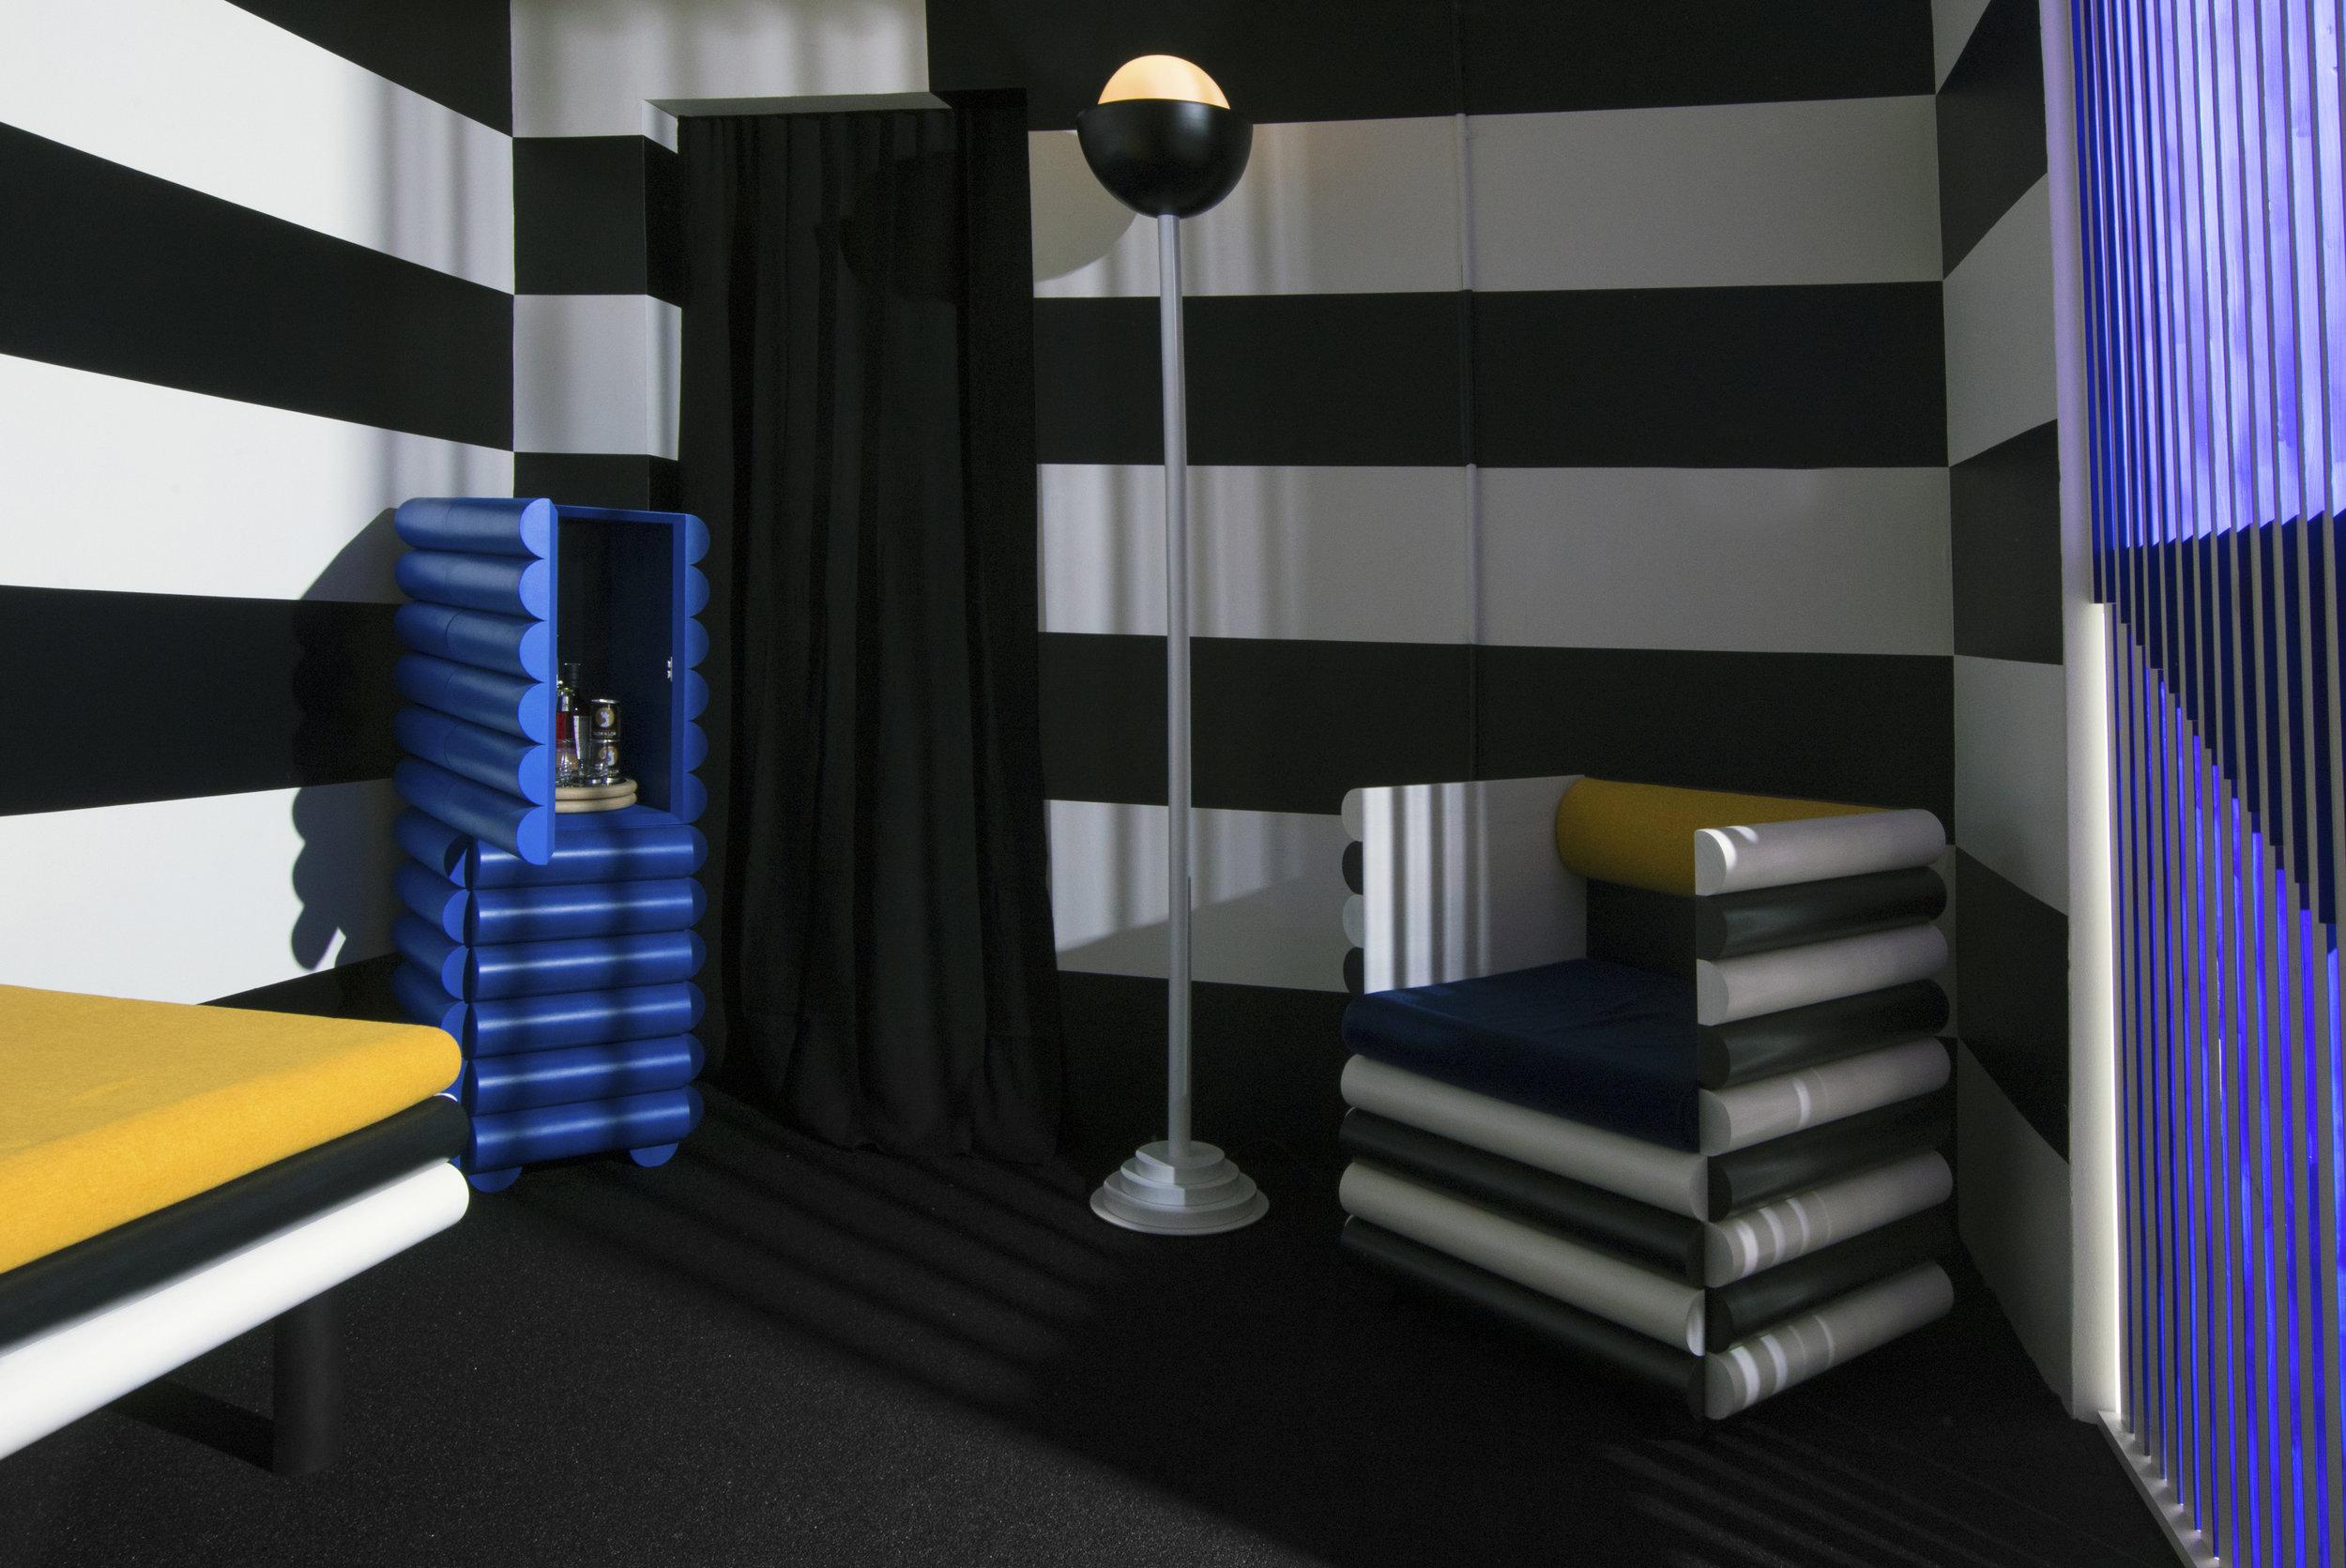 Hotel Tonight_Steven Bukowski x Hannah Bigeleisen_credit Charlie Schuck11.jpg